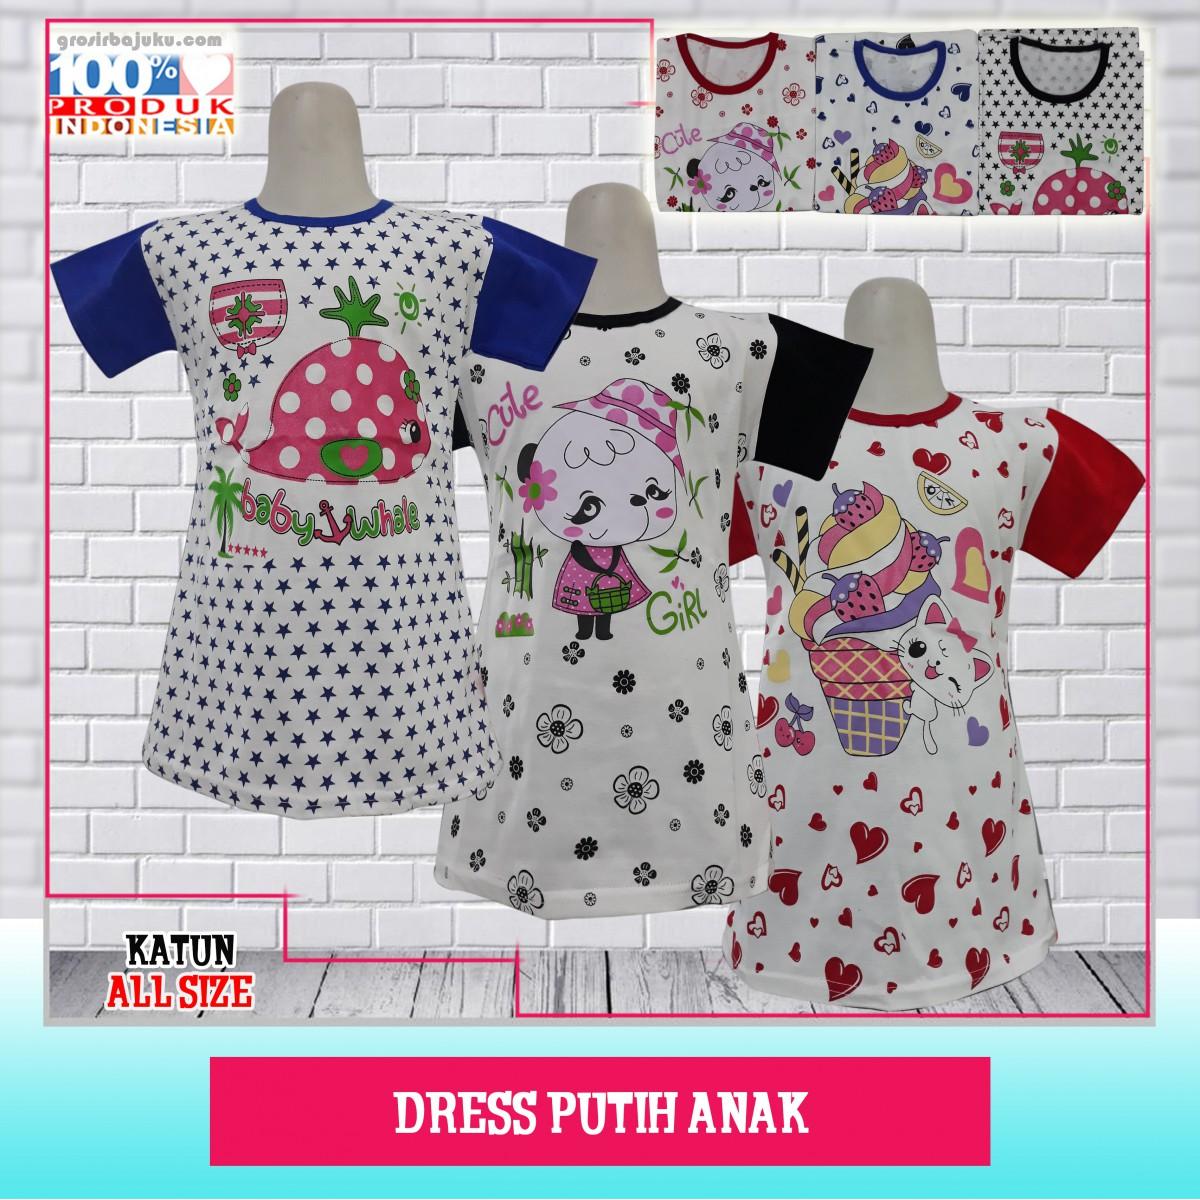 Dress Putih Anak